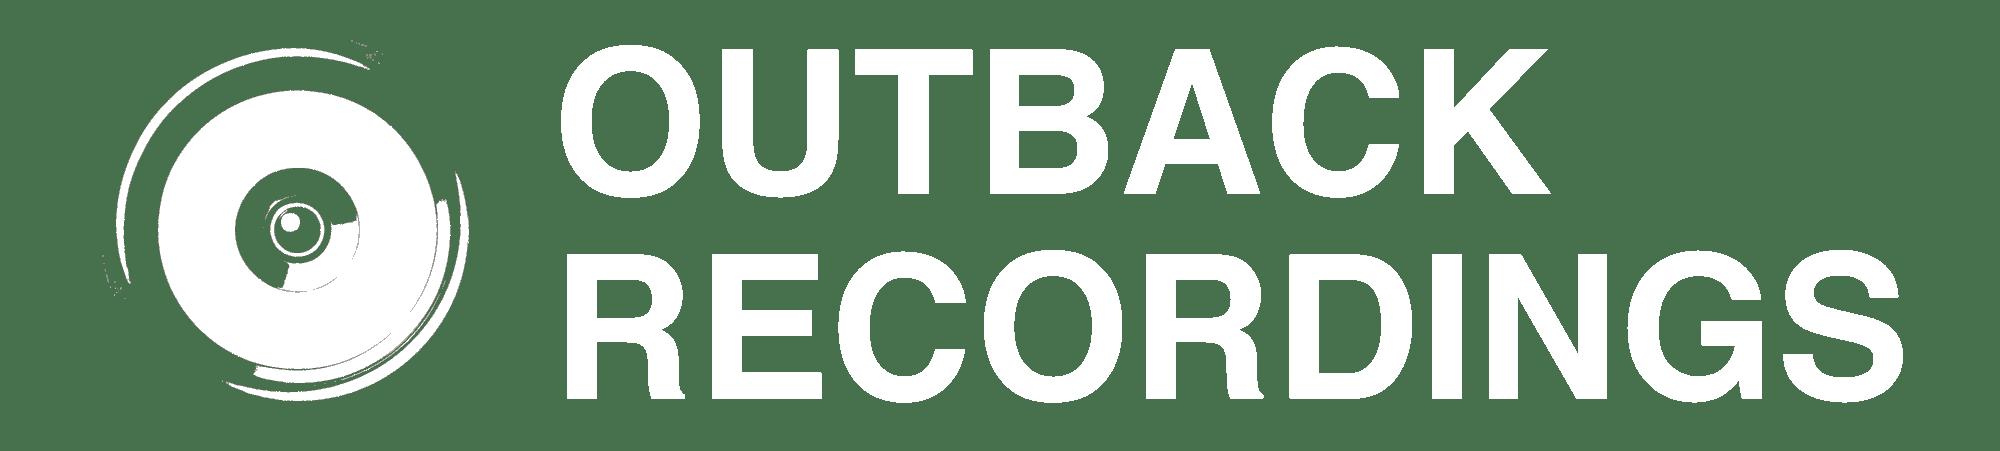 Benedikt Hain | Outback Recordings